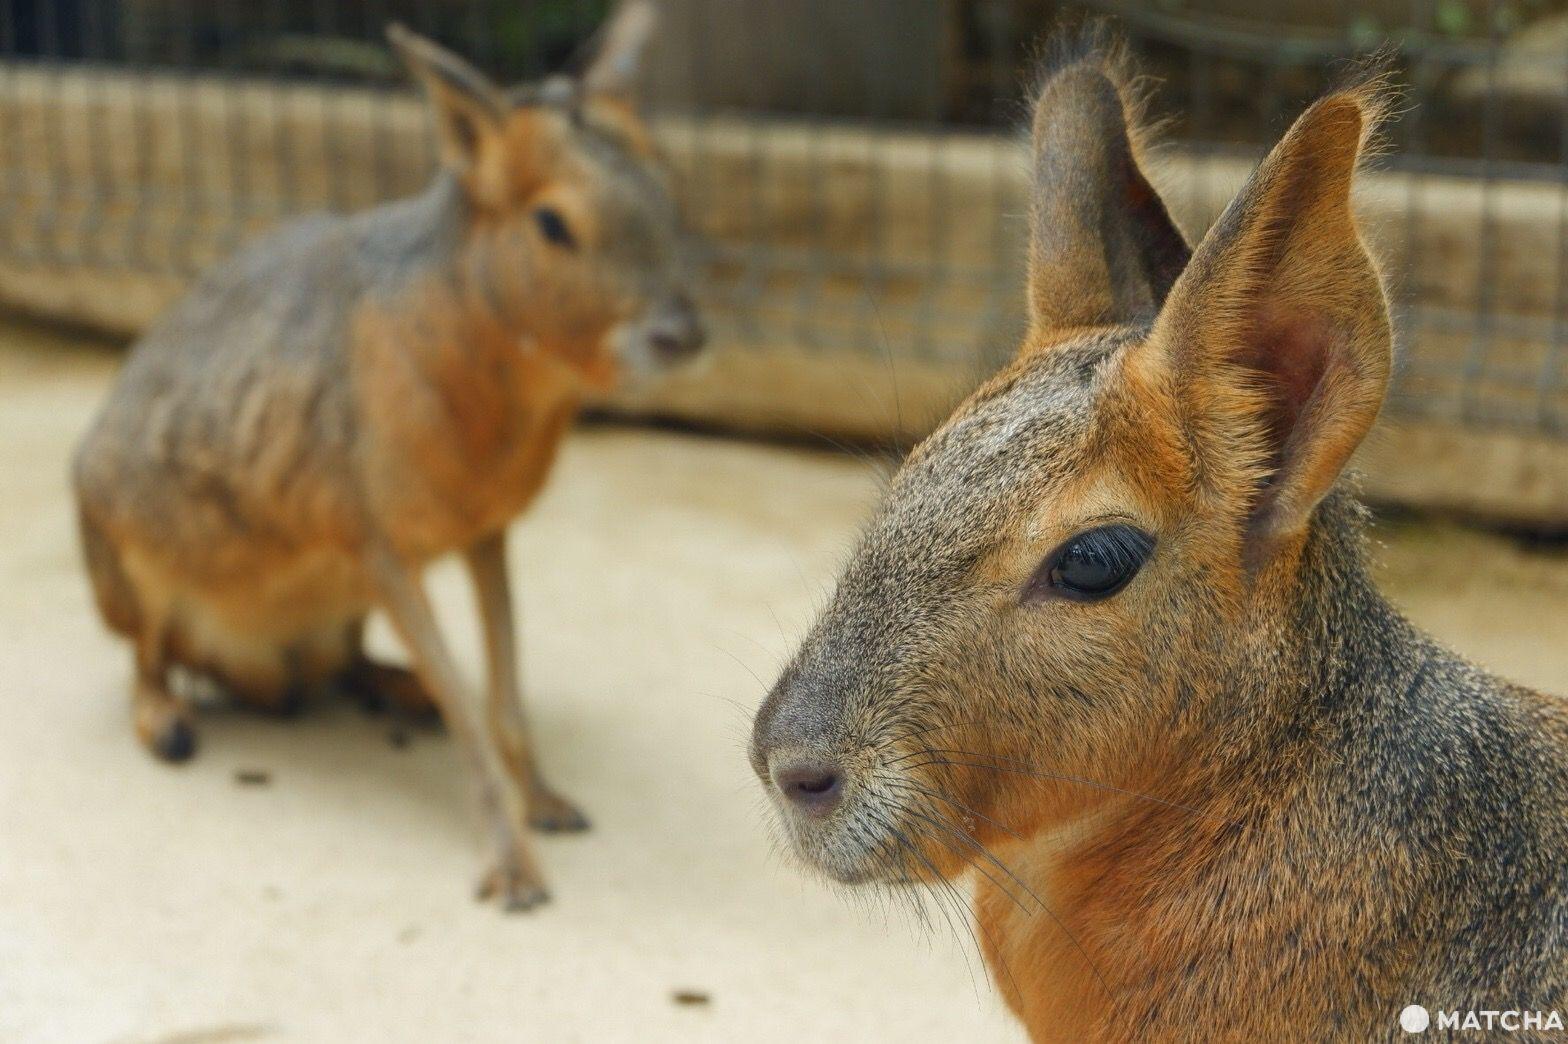 【神戶】動物自由自在,全家大小盡情享受的無障礙動物園「神戶動物王國」